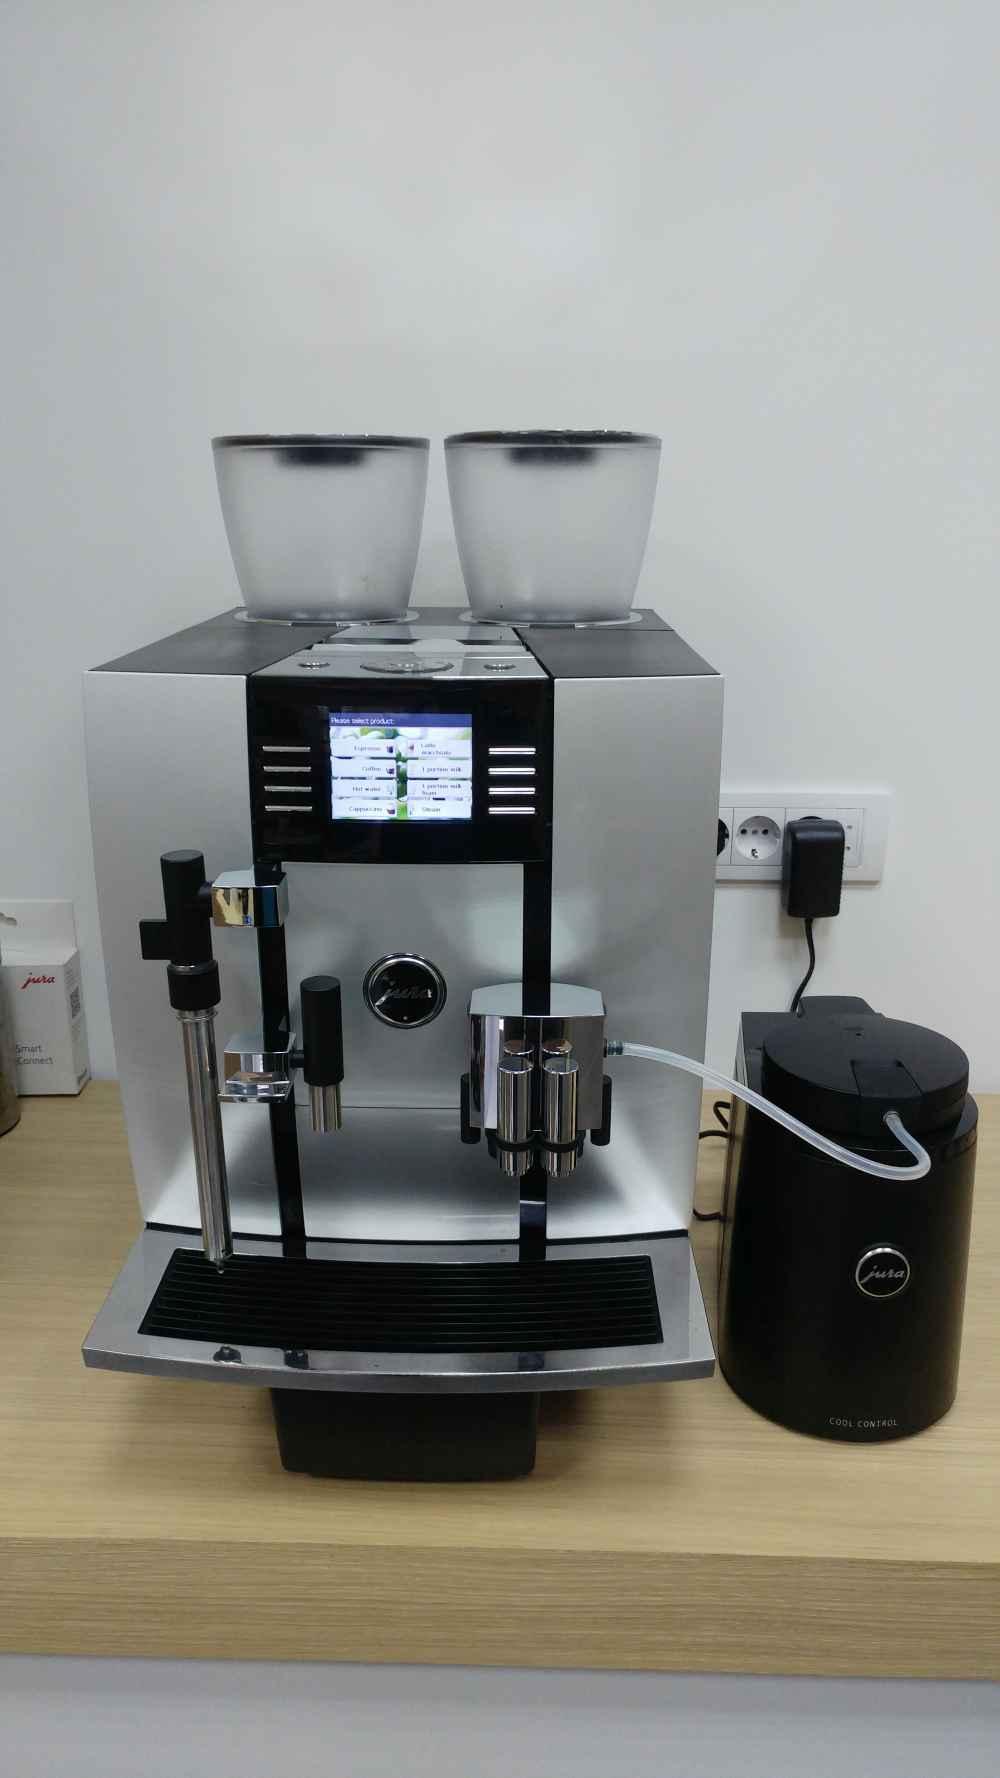 Servis i prodaja Saeco kafe aparata